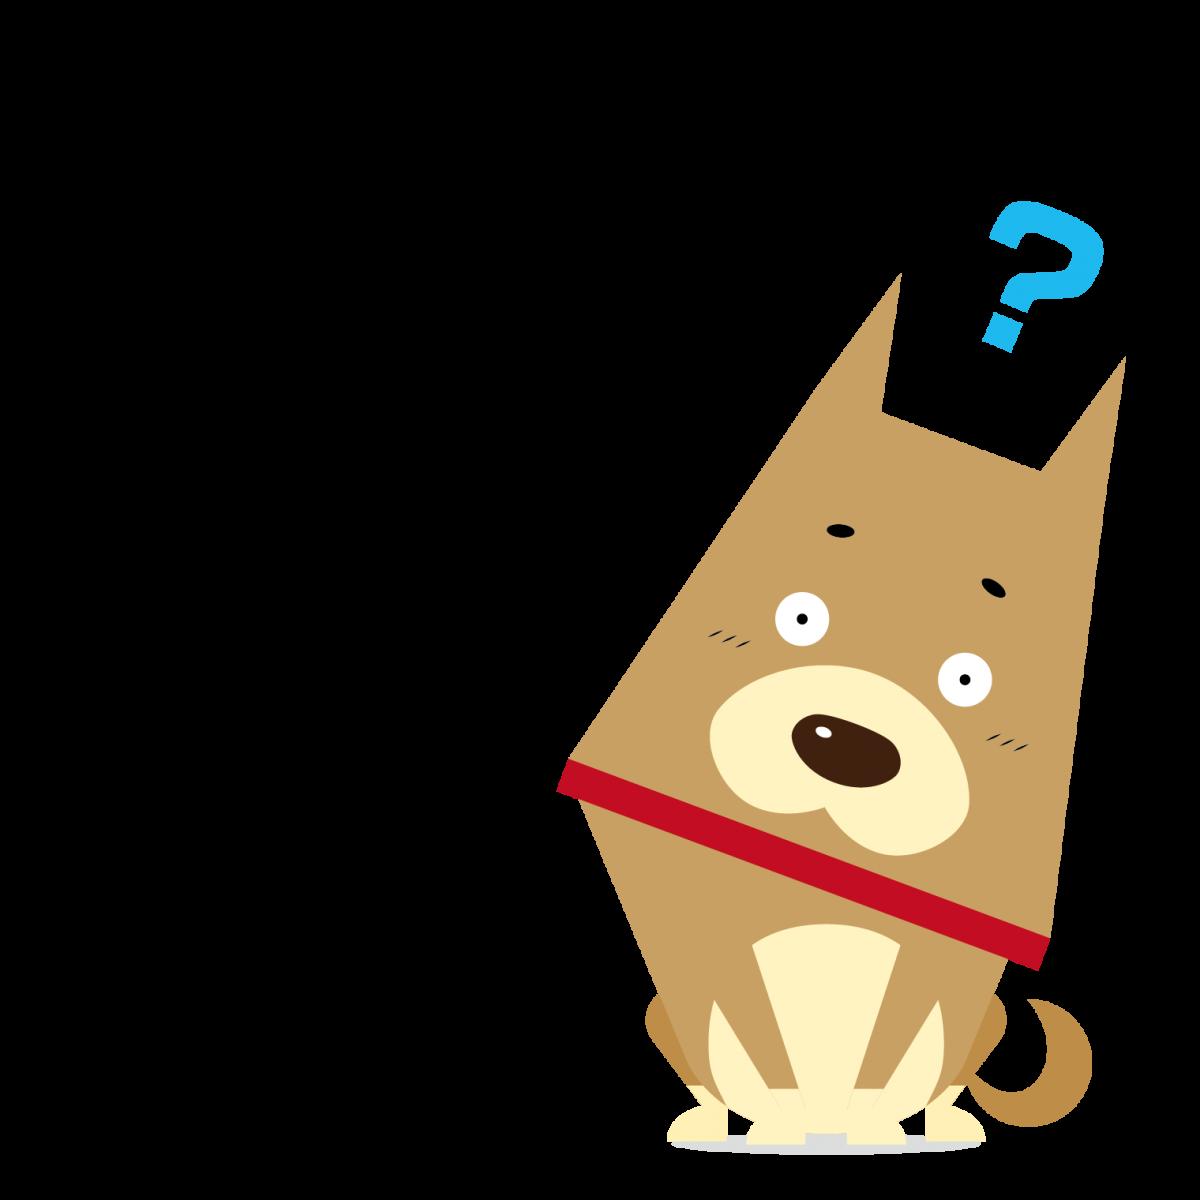 犬のワクチンは3年に1回でいいの?1年に1回じゃないの?抗体価検査についてドッグパッド